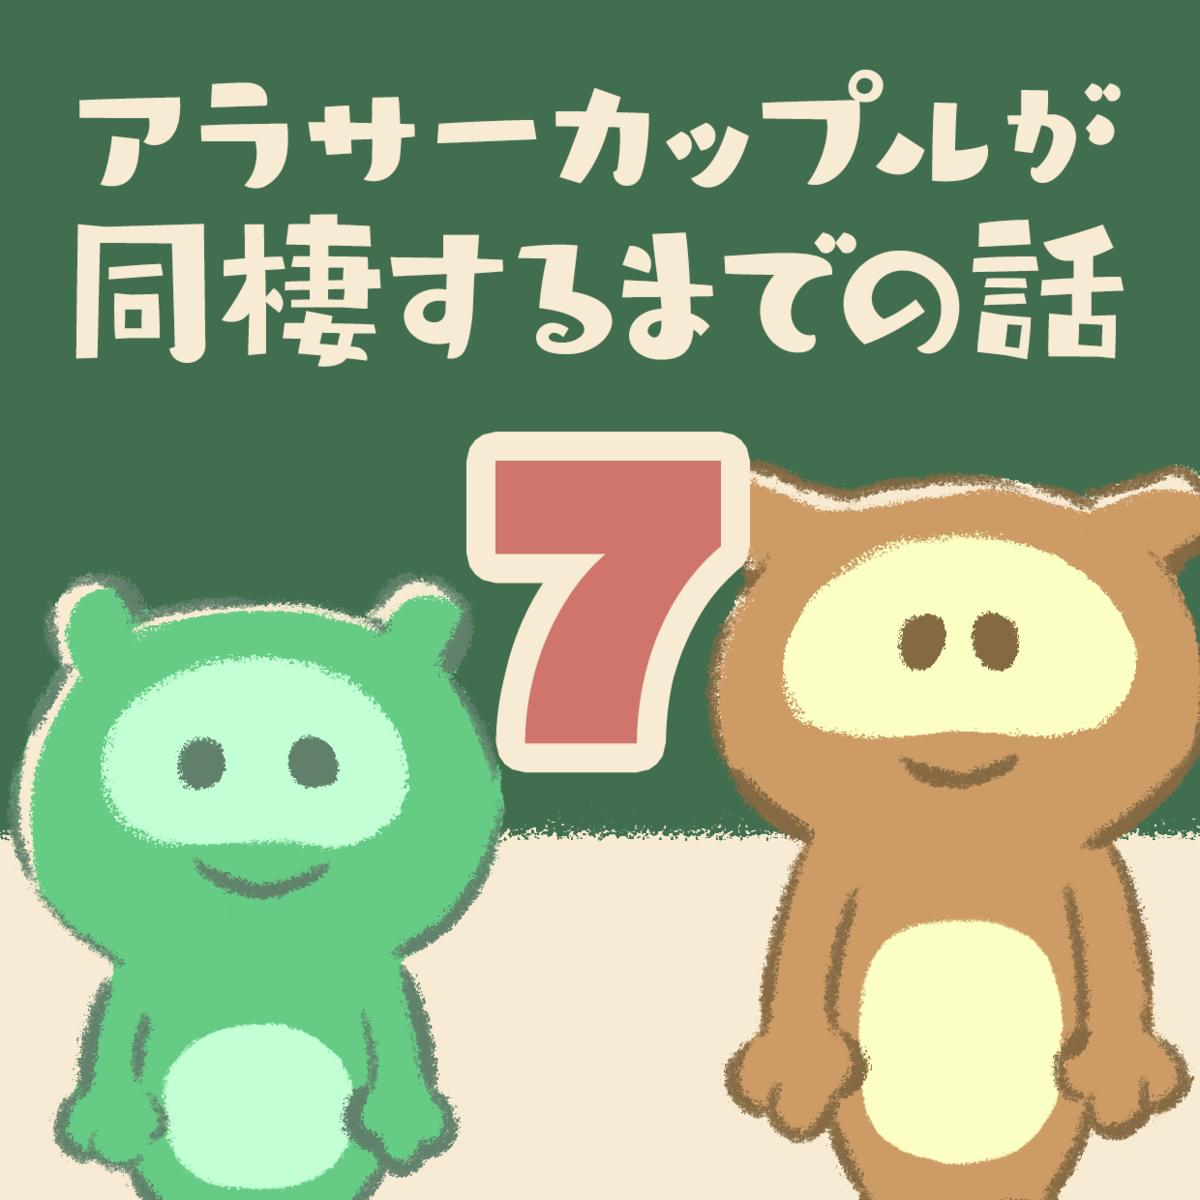 アラサーカップルのエッセイ漫画【同棲するまでの話7】